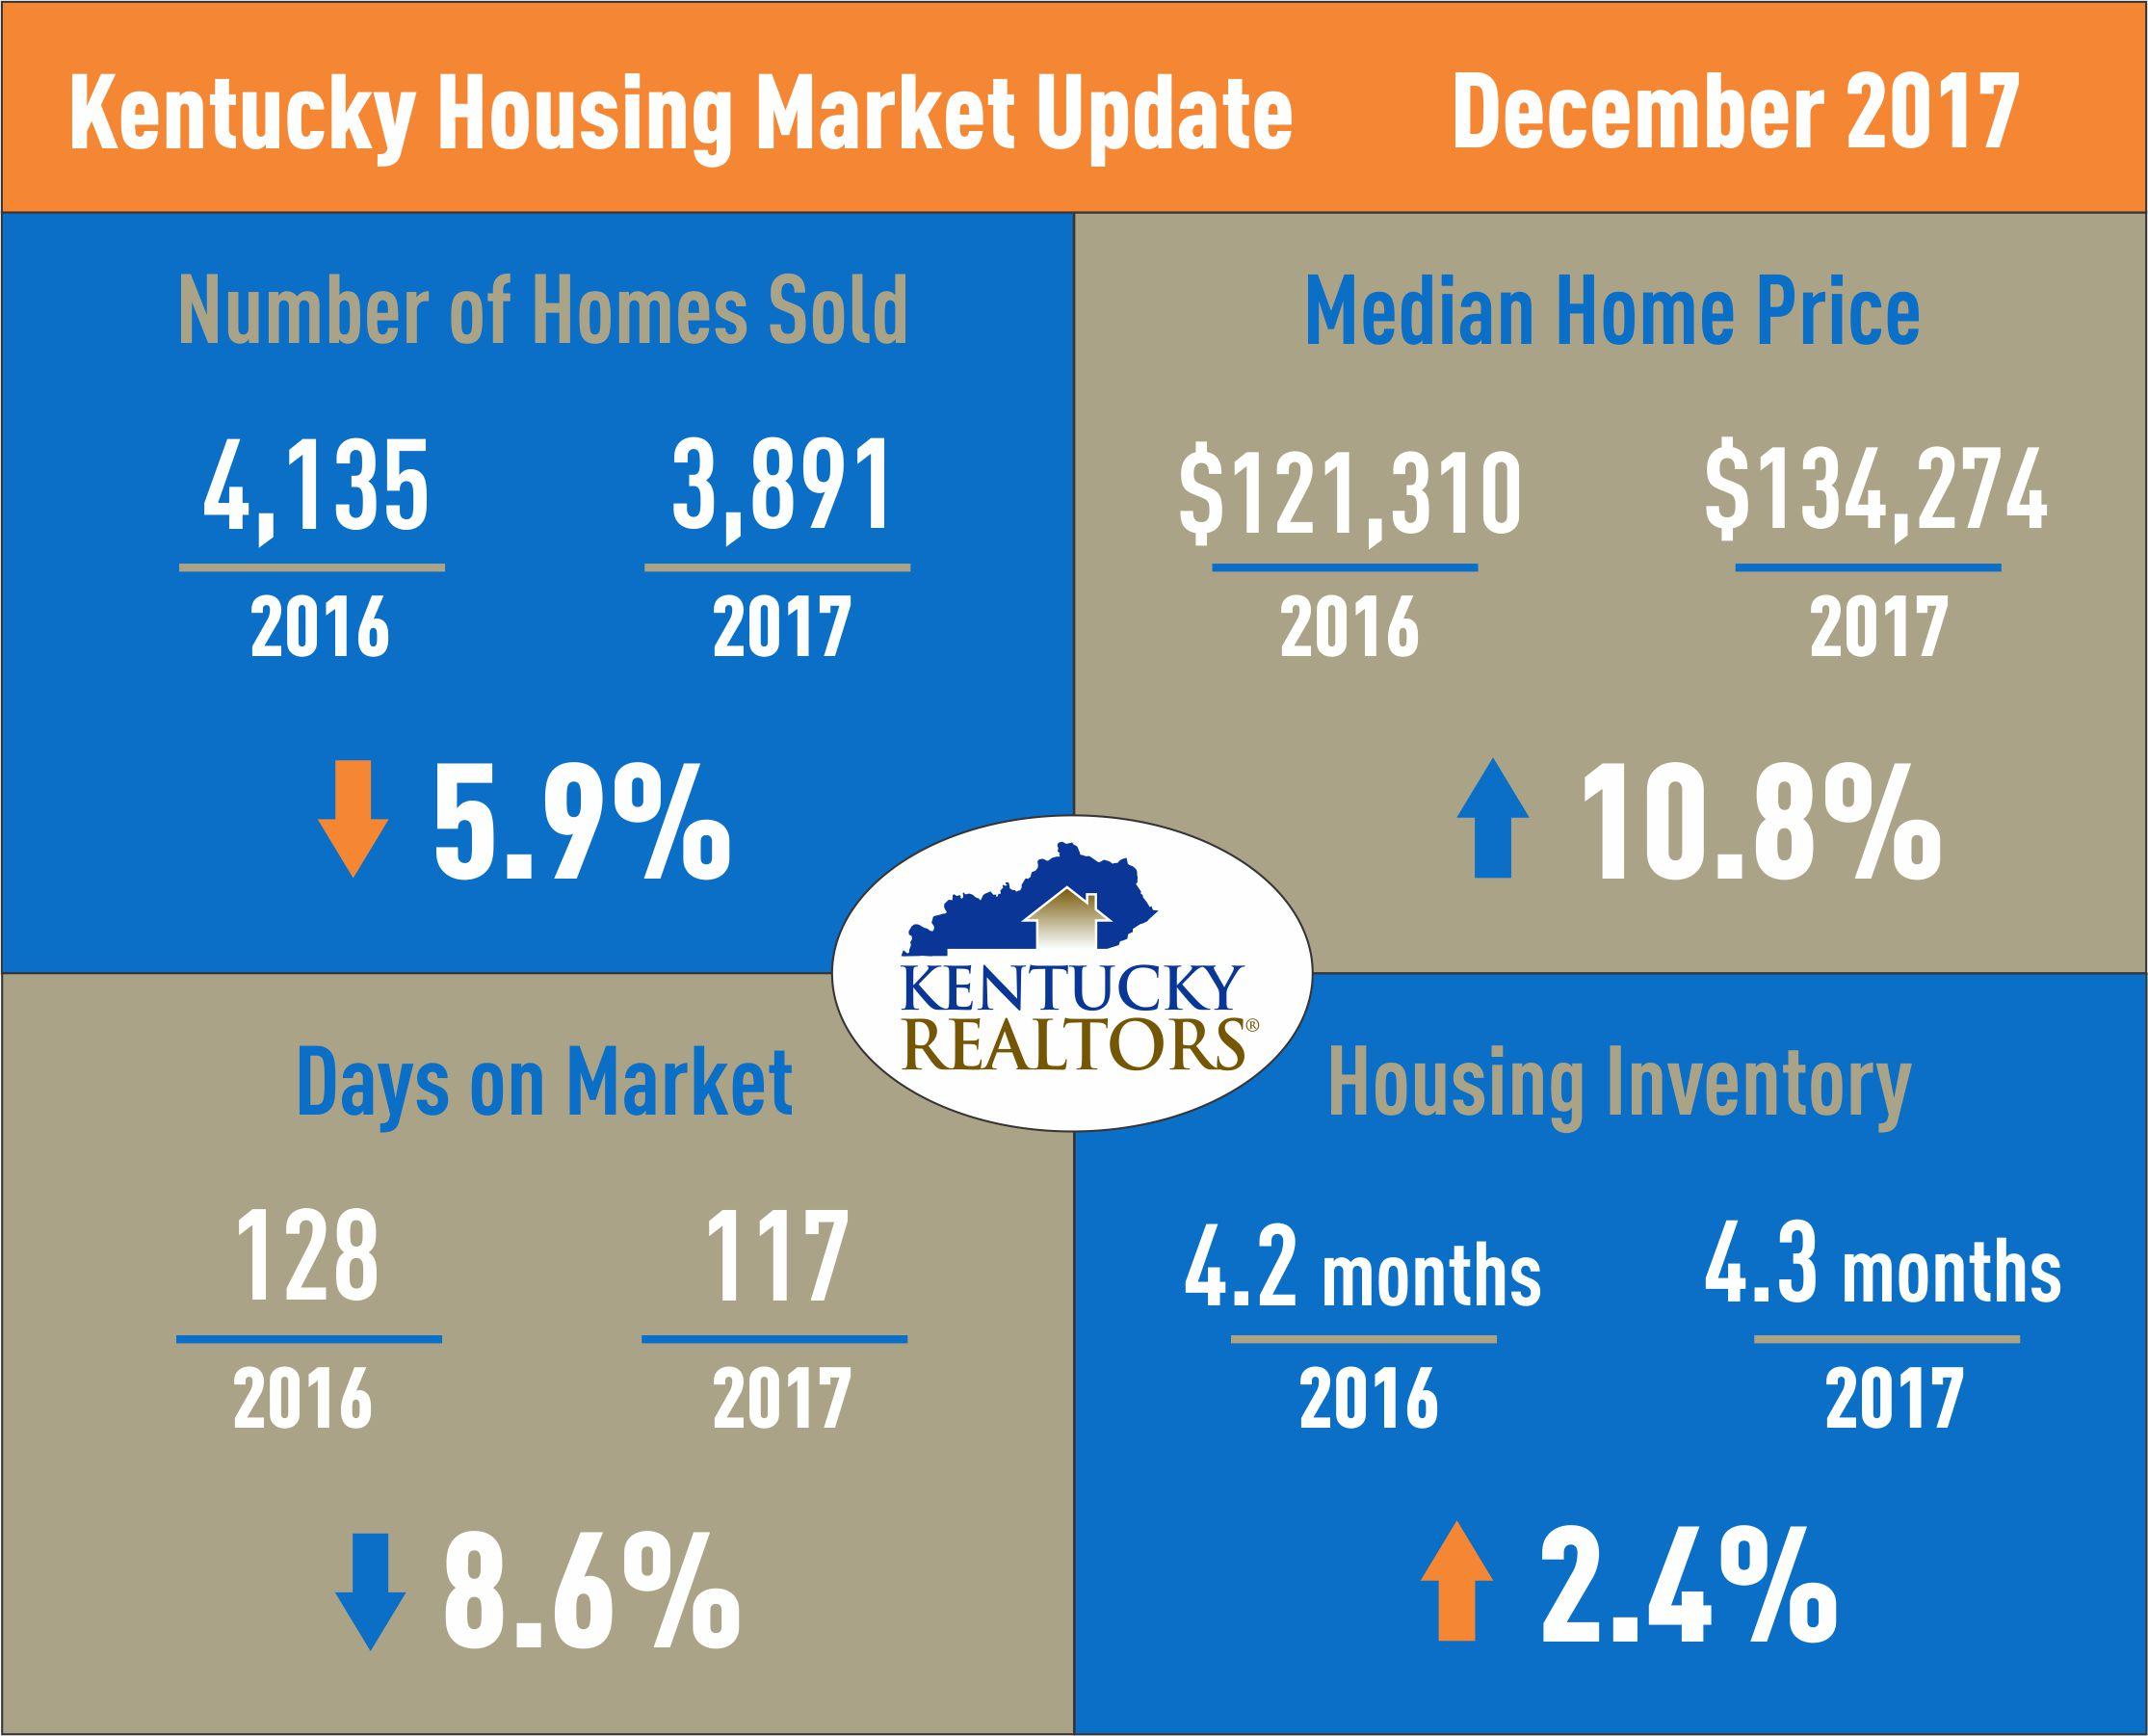 Kentucky Housing Market Update Dec 2017